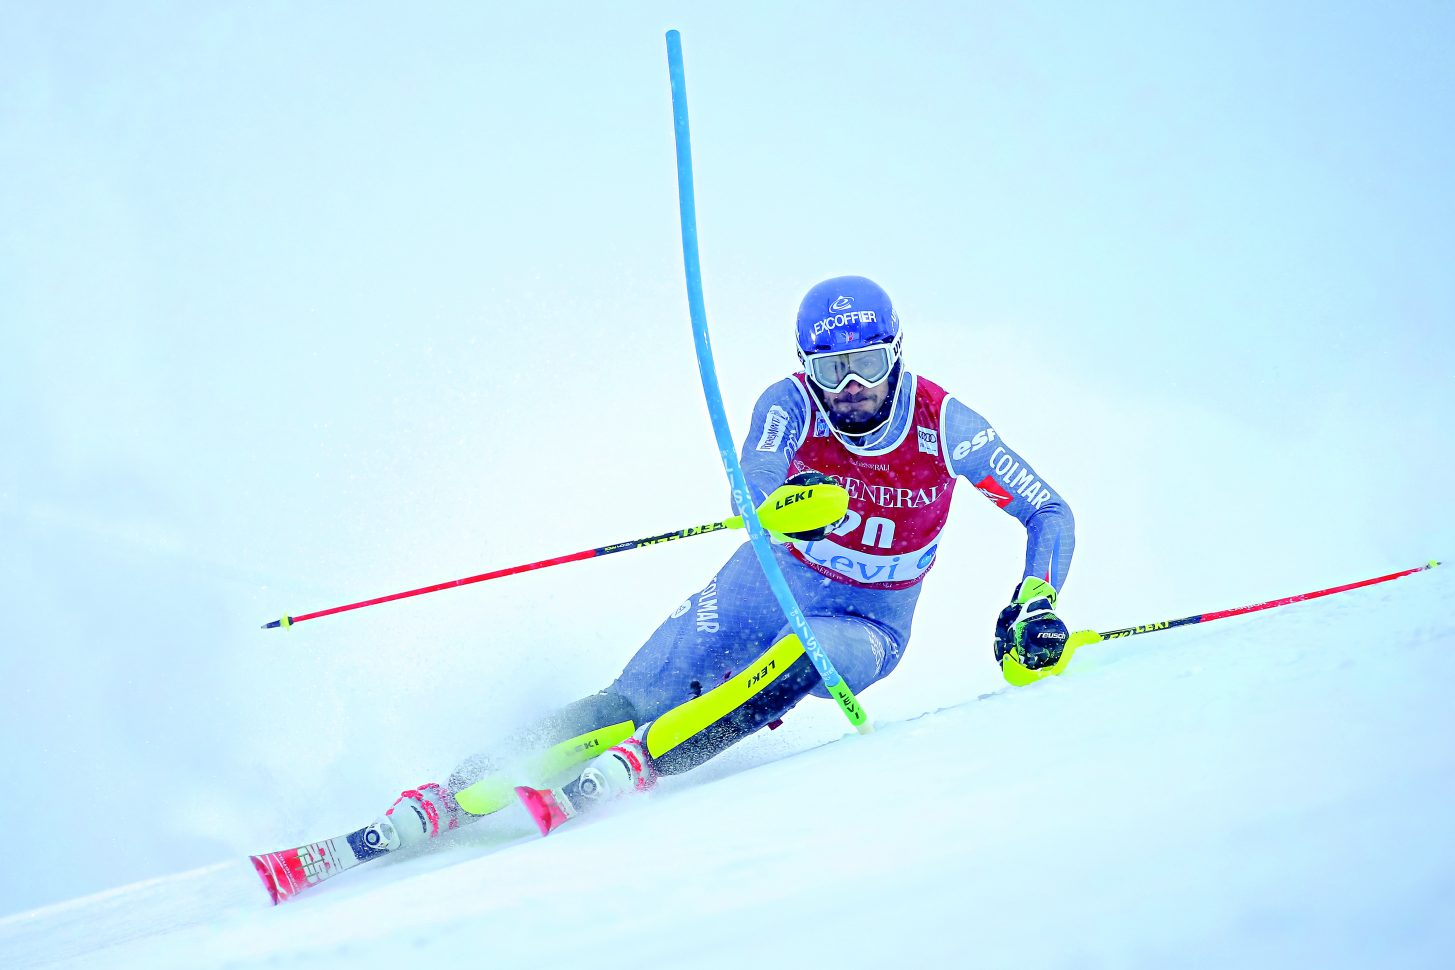 Jean-Baptiste Grange - Compétition de slalom